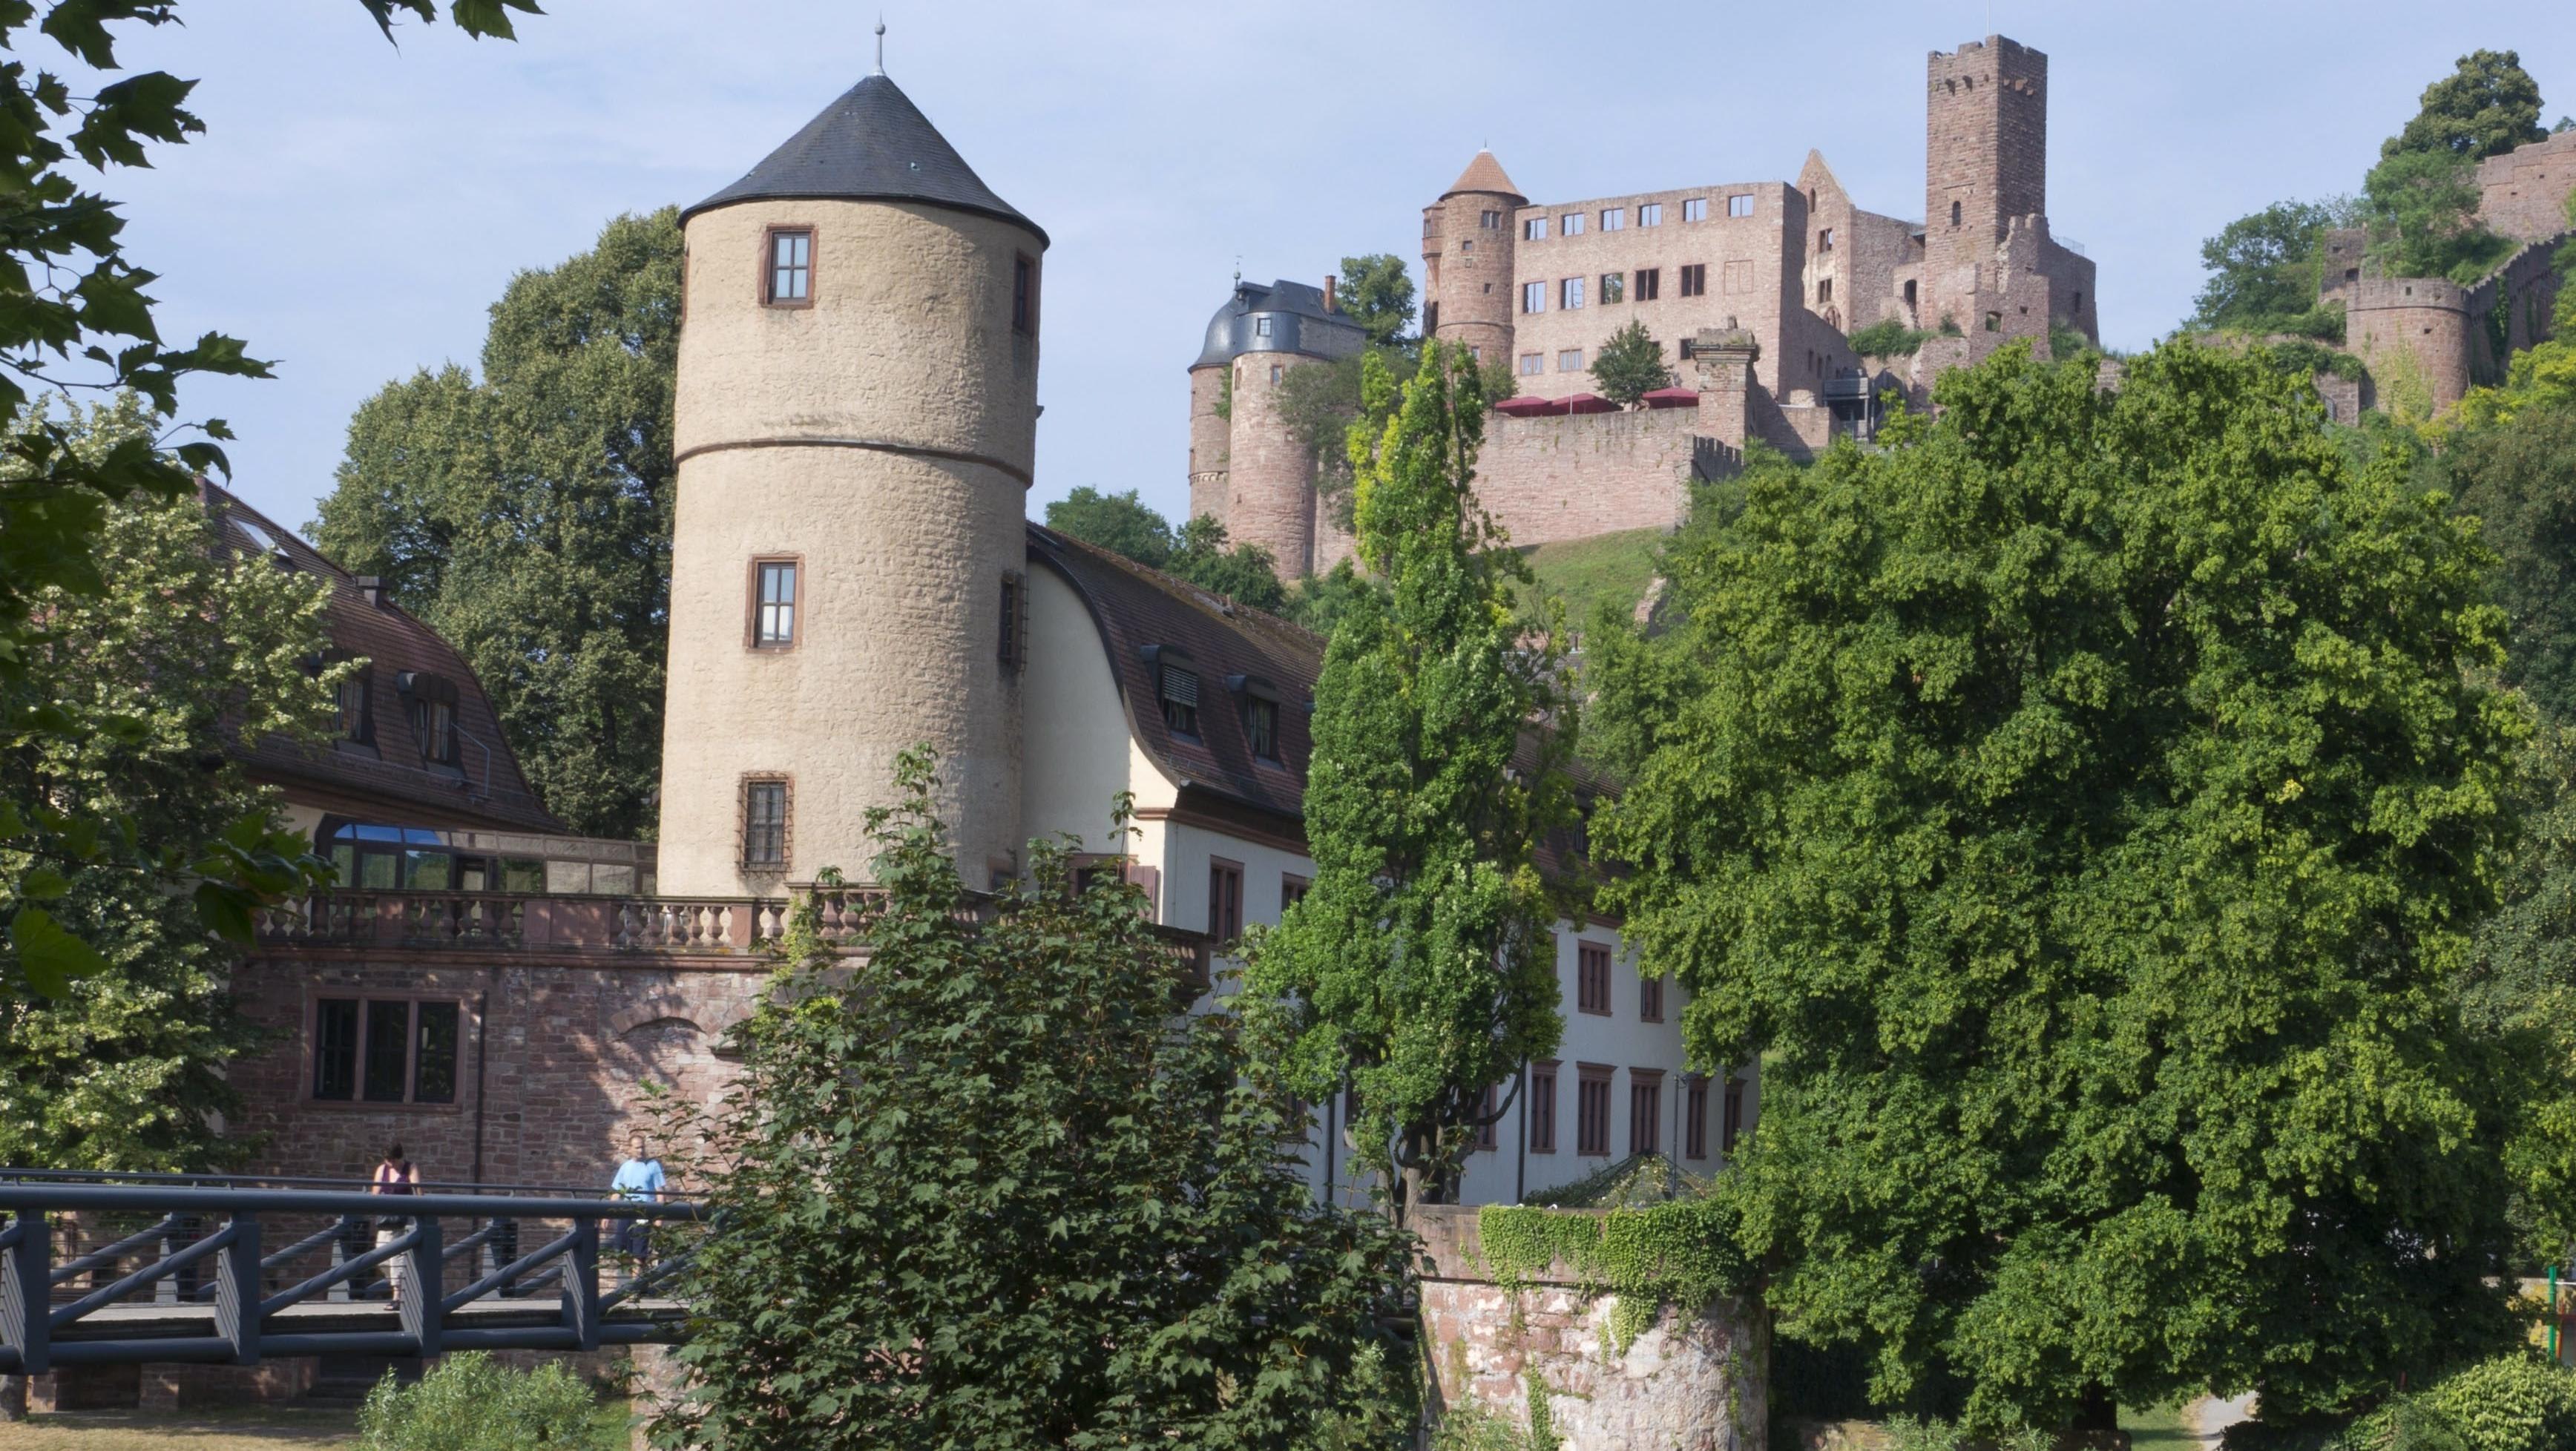 Blick über die Tauber auf den Weißen Turm und das Rathaus, im Hintergrund die Burg Wertheim,